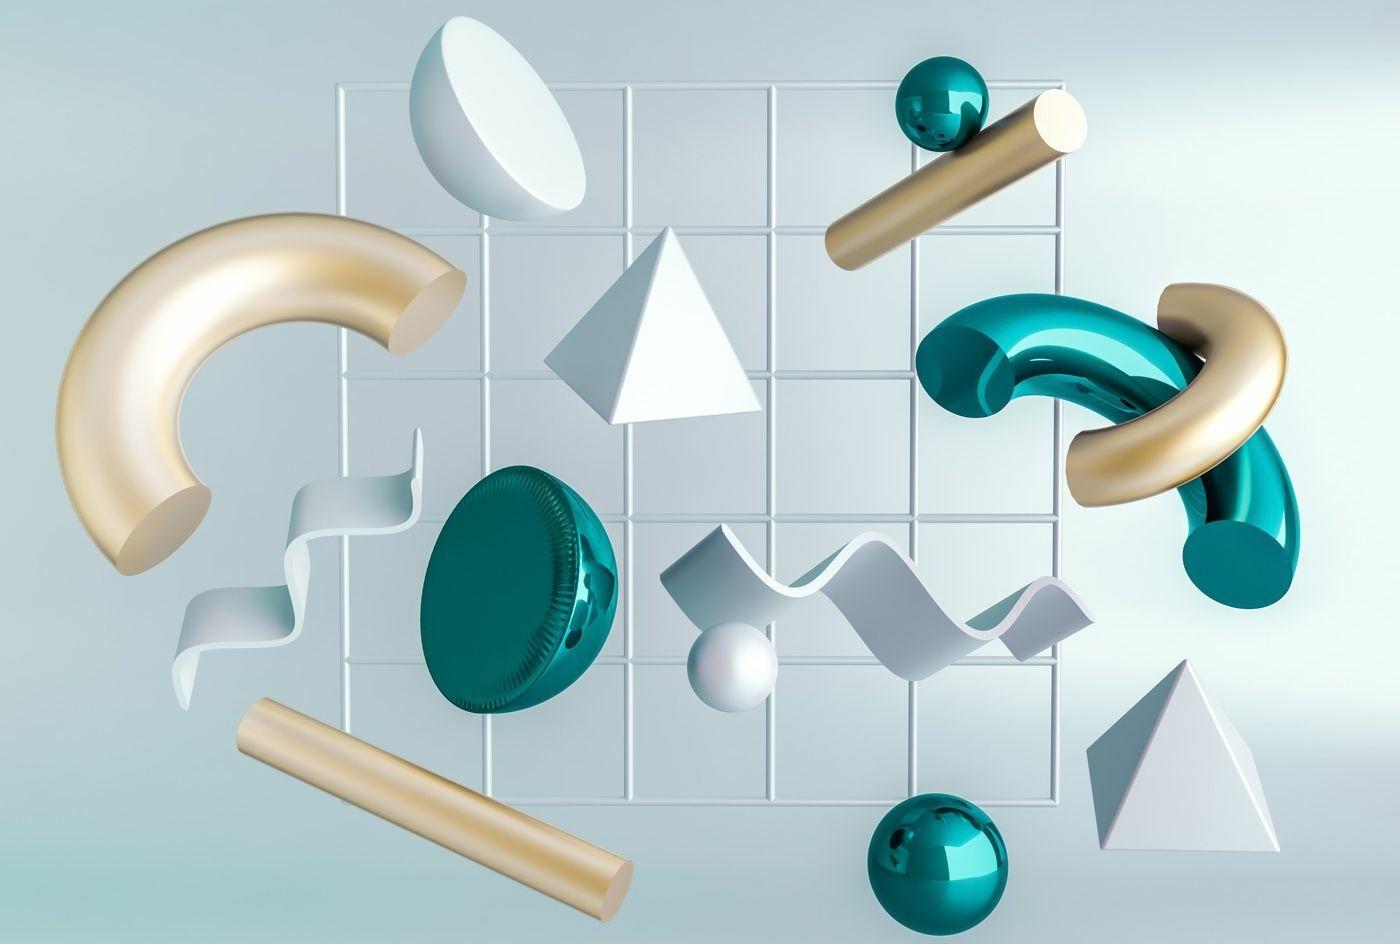 3D elementi boljša uporabniška izkušnja napredek tehnologije trend spletno oblikovanje